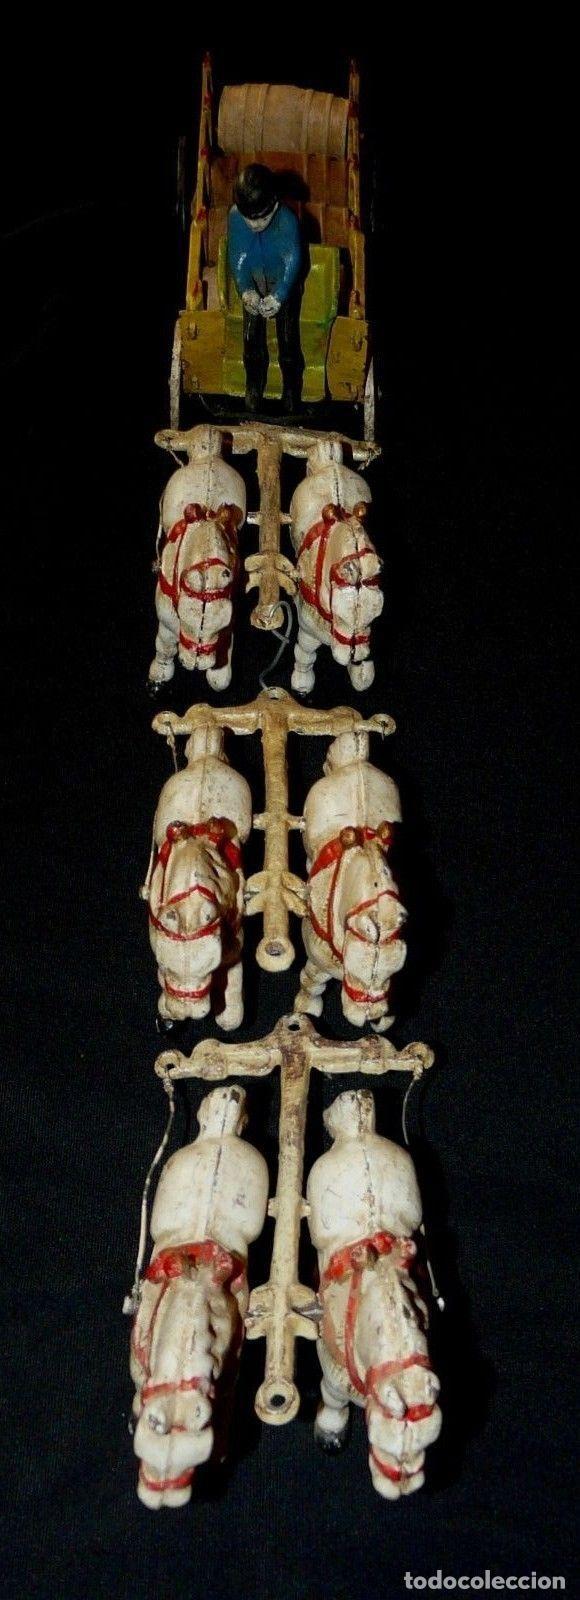 Juguetes antiguos de hojalata: ENORME Y ANTIGUO CARRO EN HIERRO DE MUSEO 6 CABALLOS 65 CM 3,5 Kg PRECIOSA ESCULTURA SIGLO XIX 476,0 - Foto 2 - 88403960